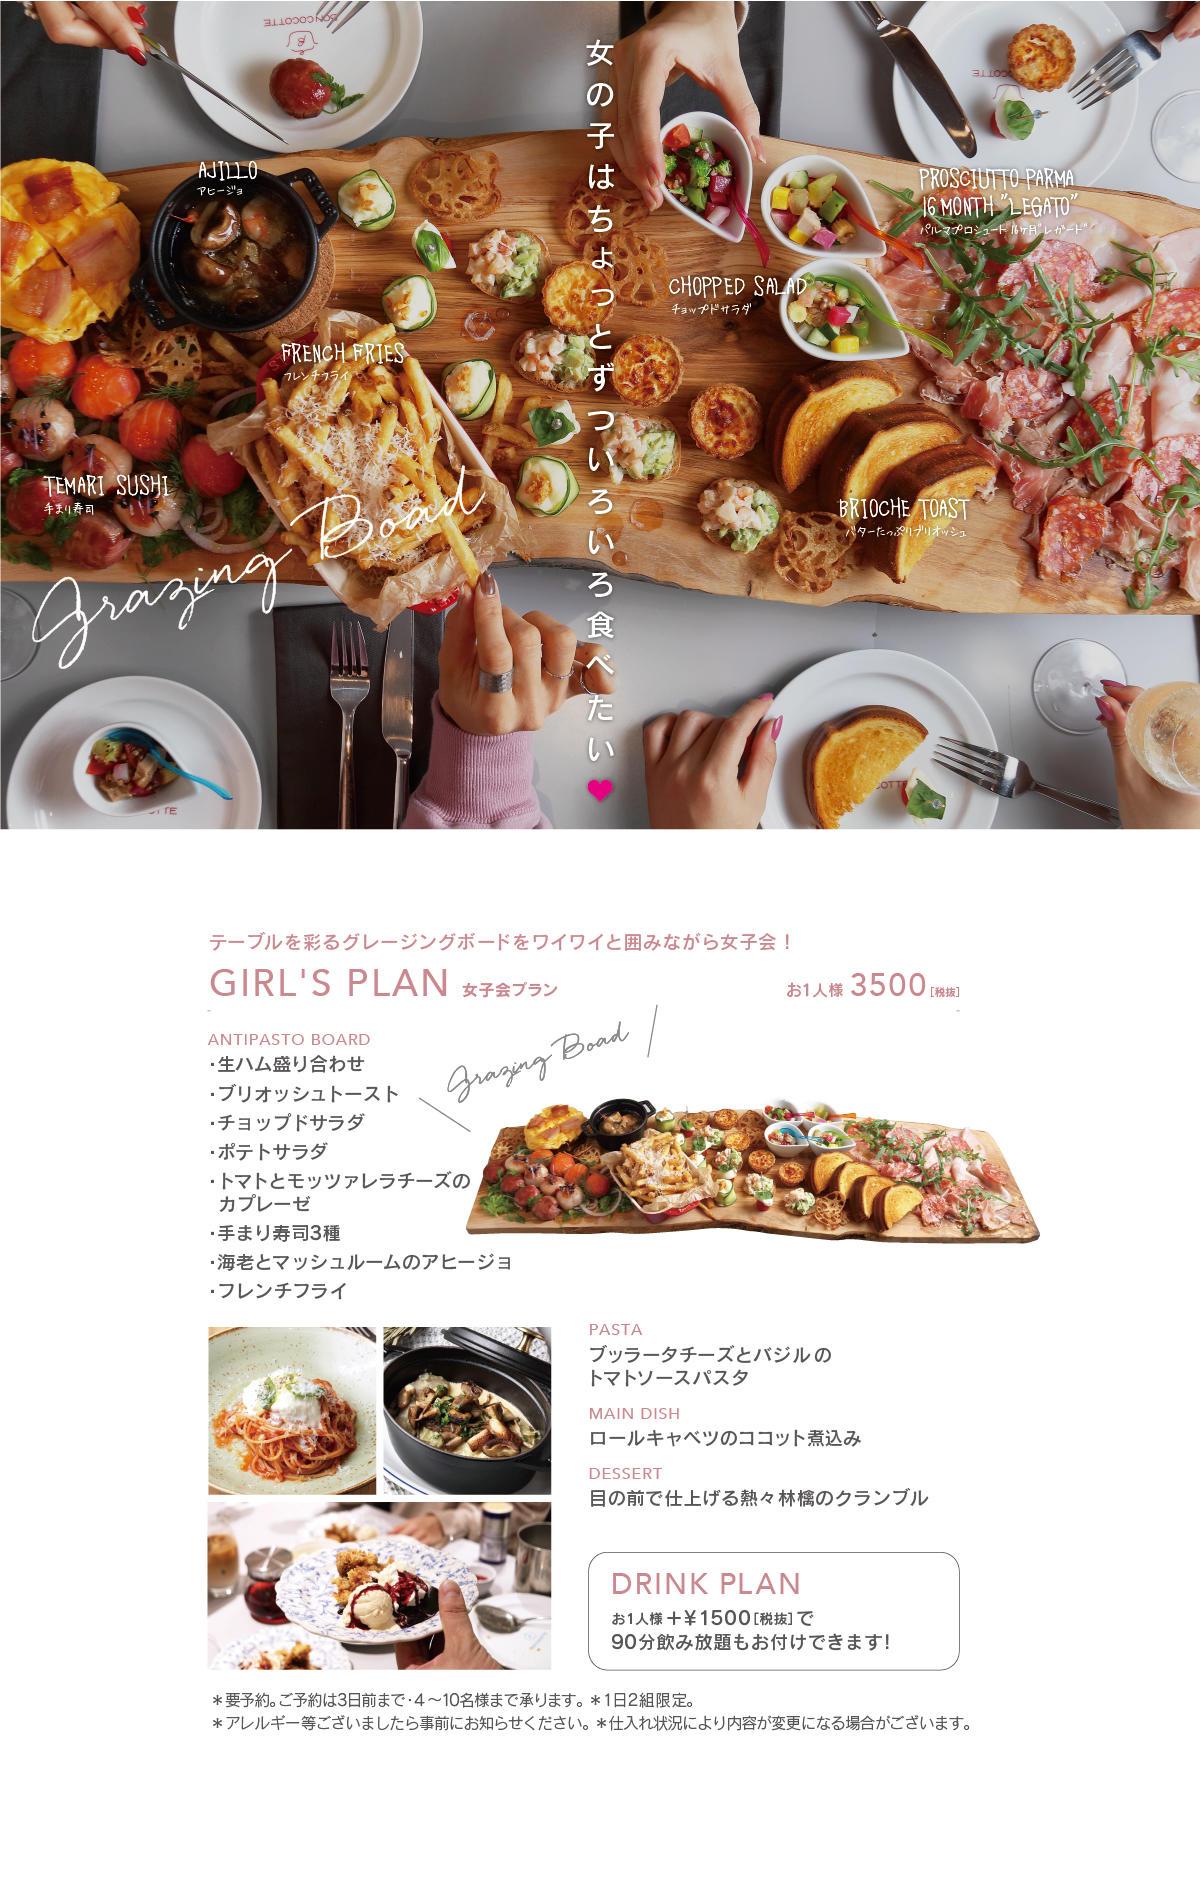 boncocotte_191123_girls_main.jpg